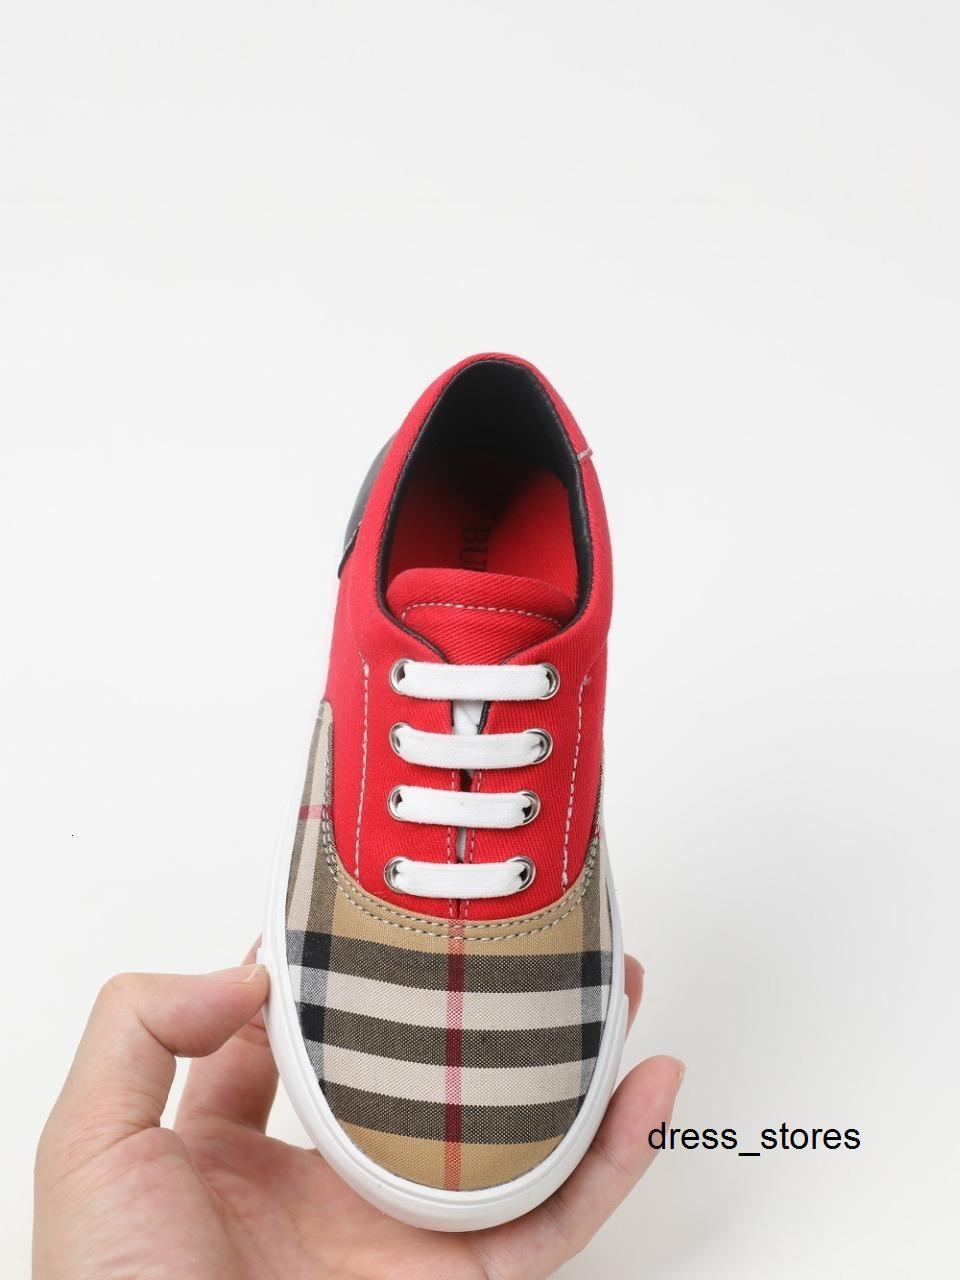 zapato casual niña Niño de los niños Moda redondas de calidad superior del dedo del pie de los niños